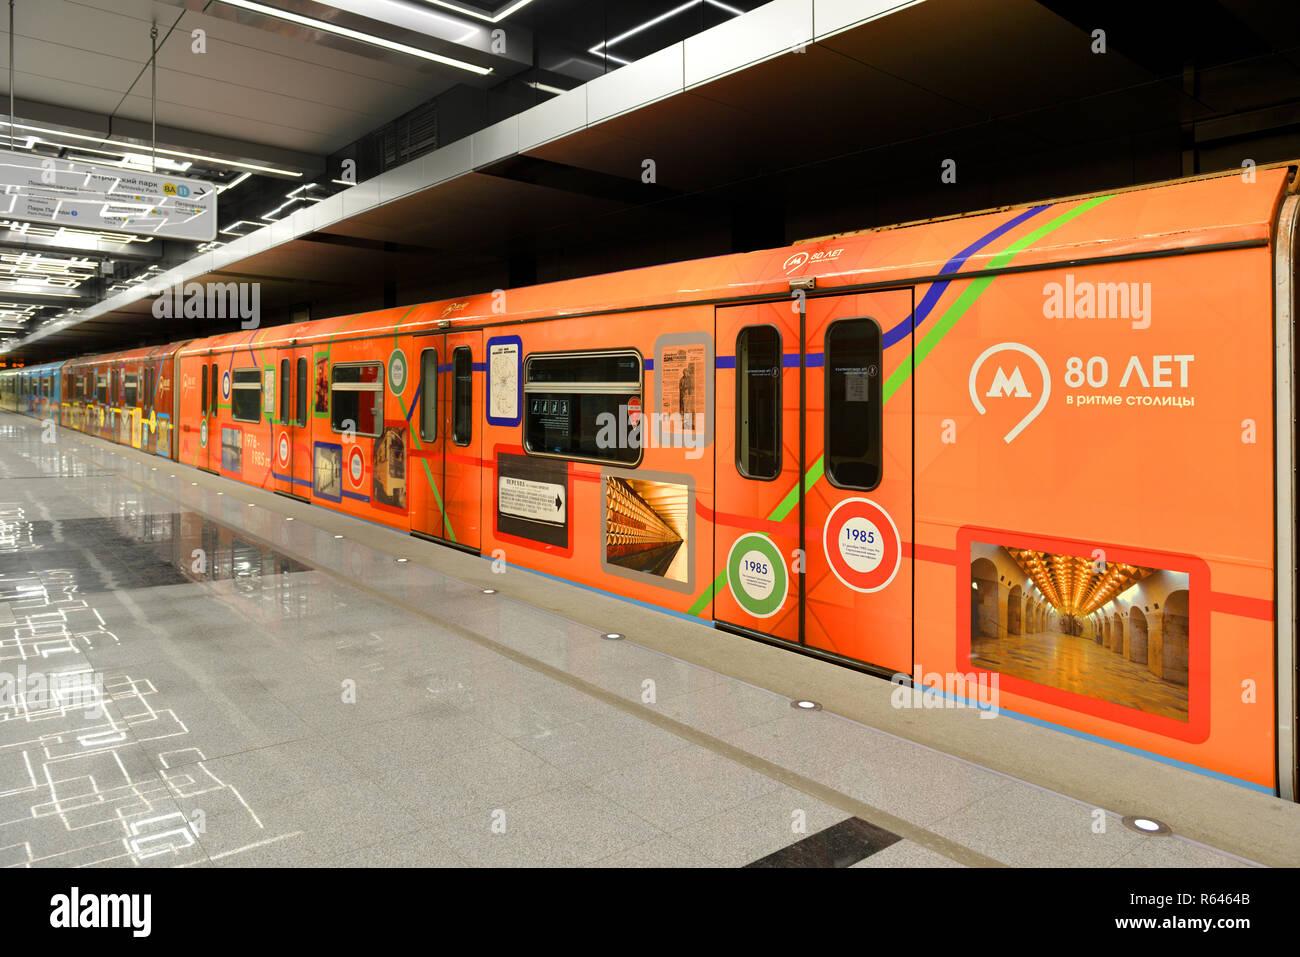 """Sur Kalininsko-Solntsevskaya Govorovo station, Ligne de métro de Moscou, il ouvre ses portes le 30 août 2018. La thématique """"80 ans rythme de capital' Photo Stock"""